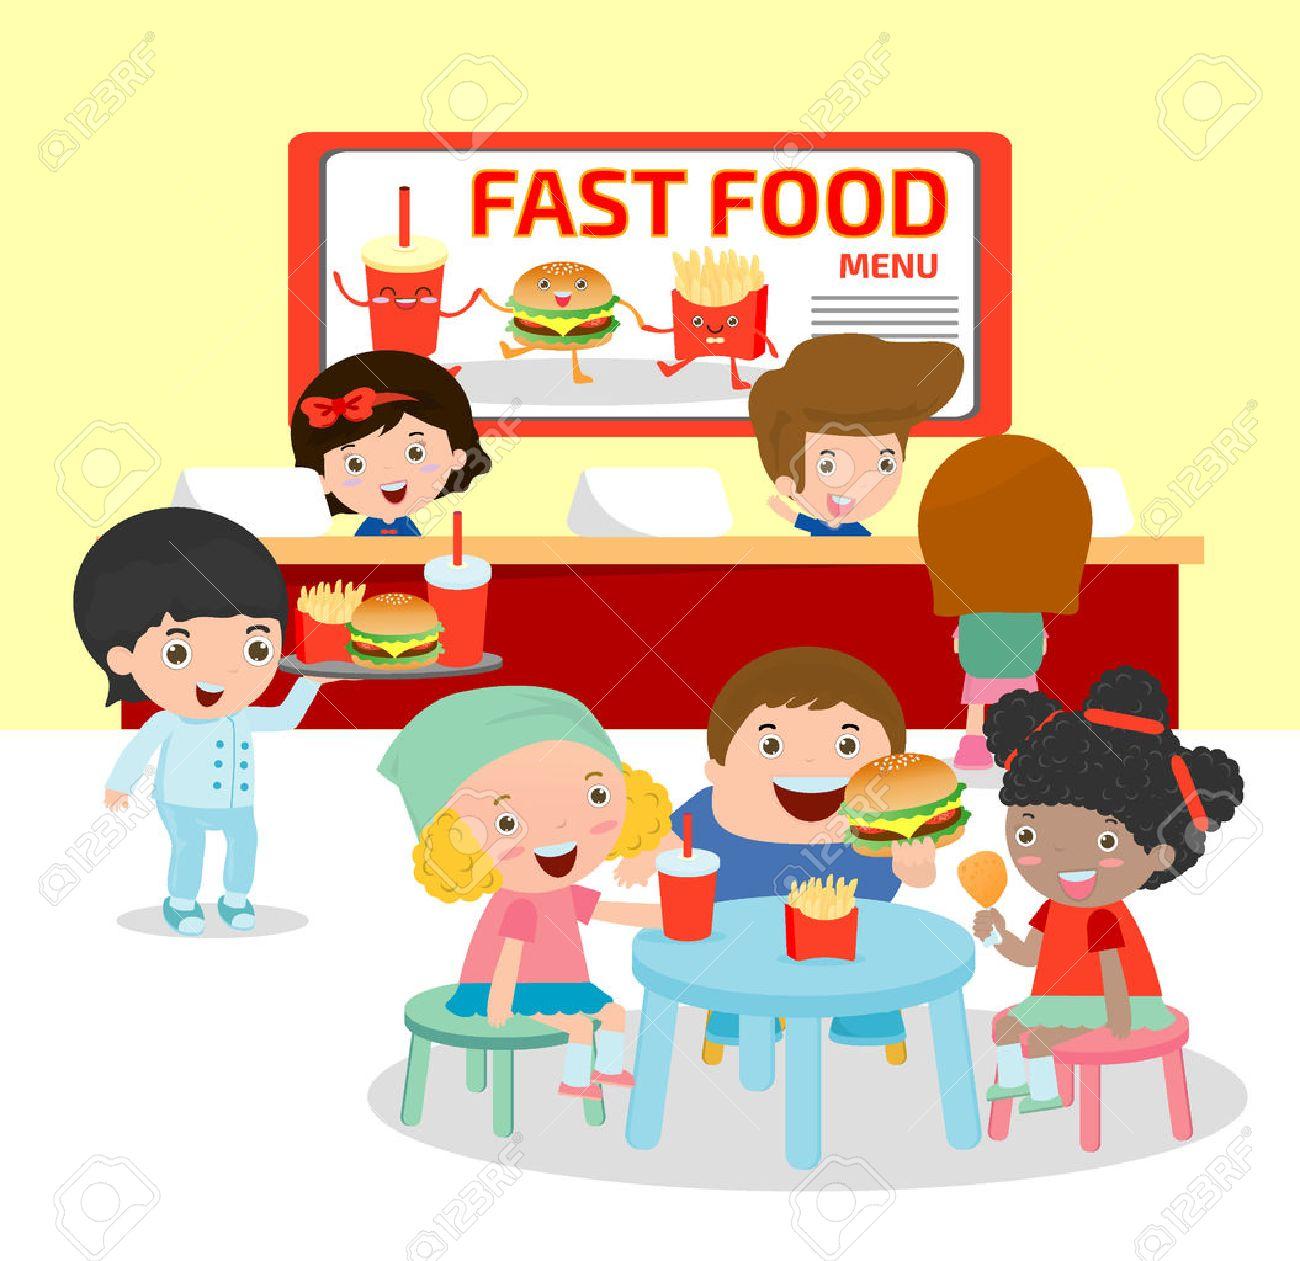 子供イラストファーストフードのレストランで料理を注文ファースト